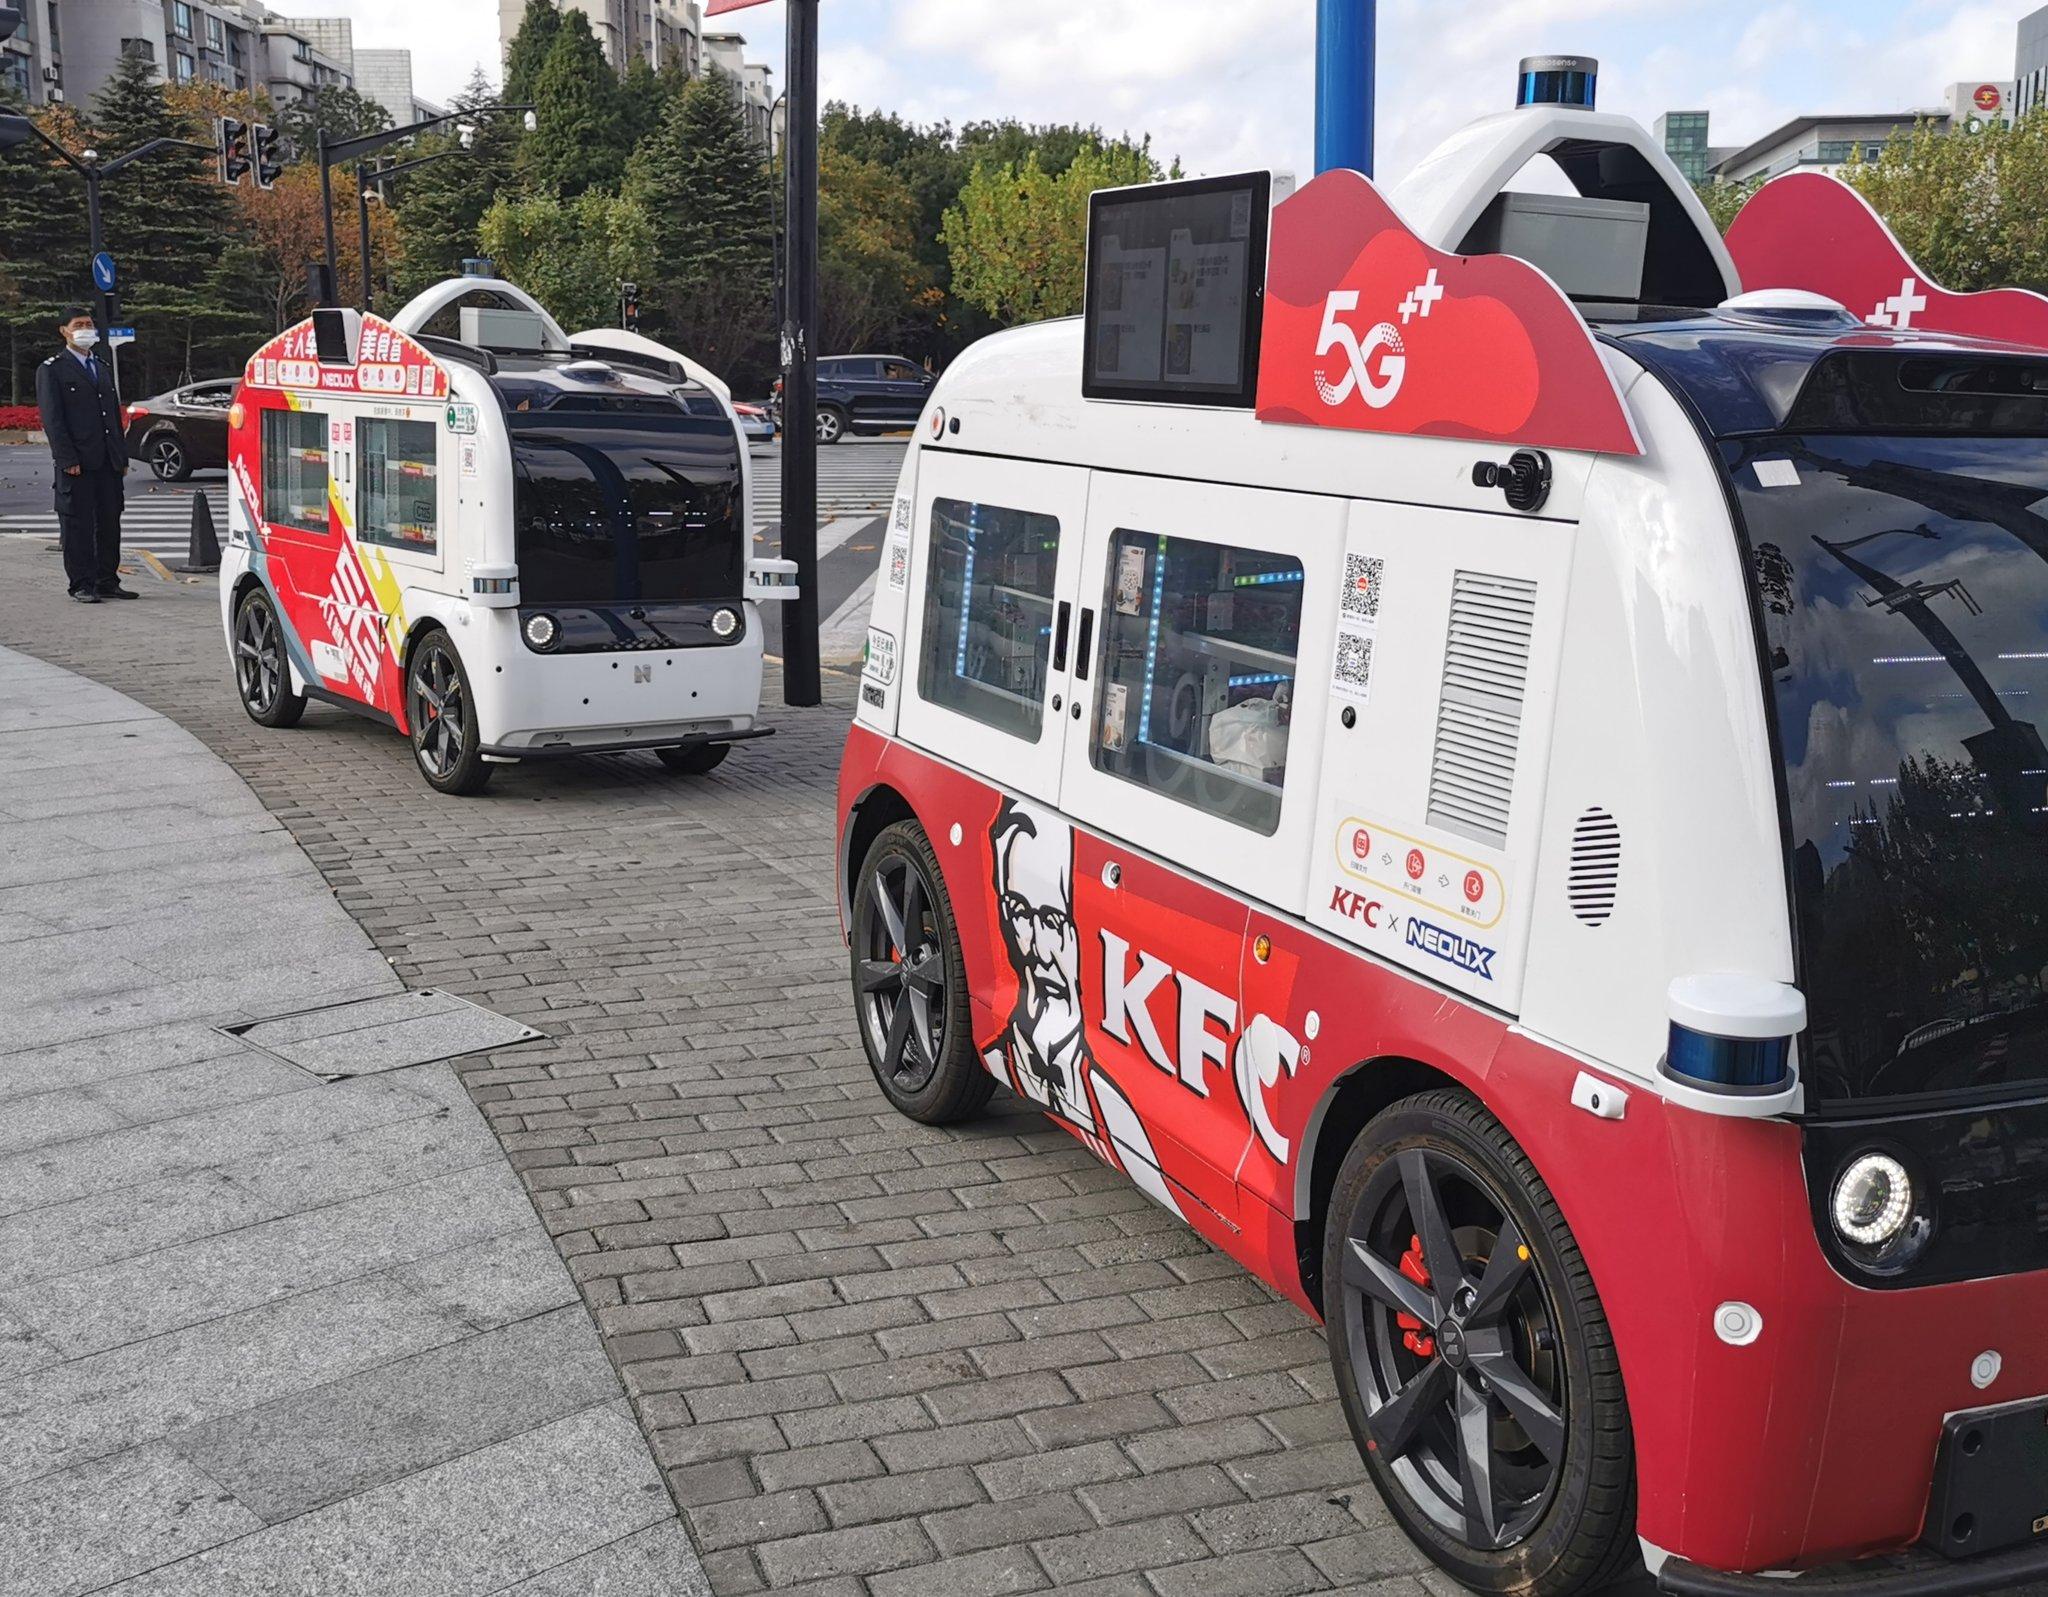 Фаст-фуд уходит в вендинг автономные грузовички KFC в Китае вызывают зависть